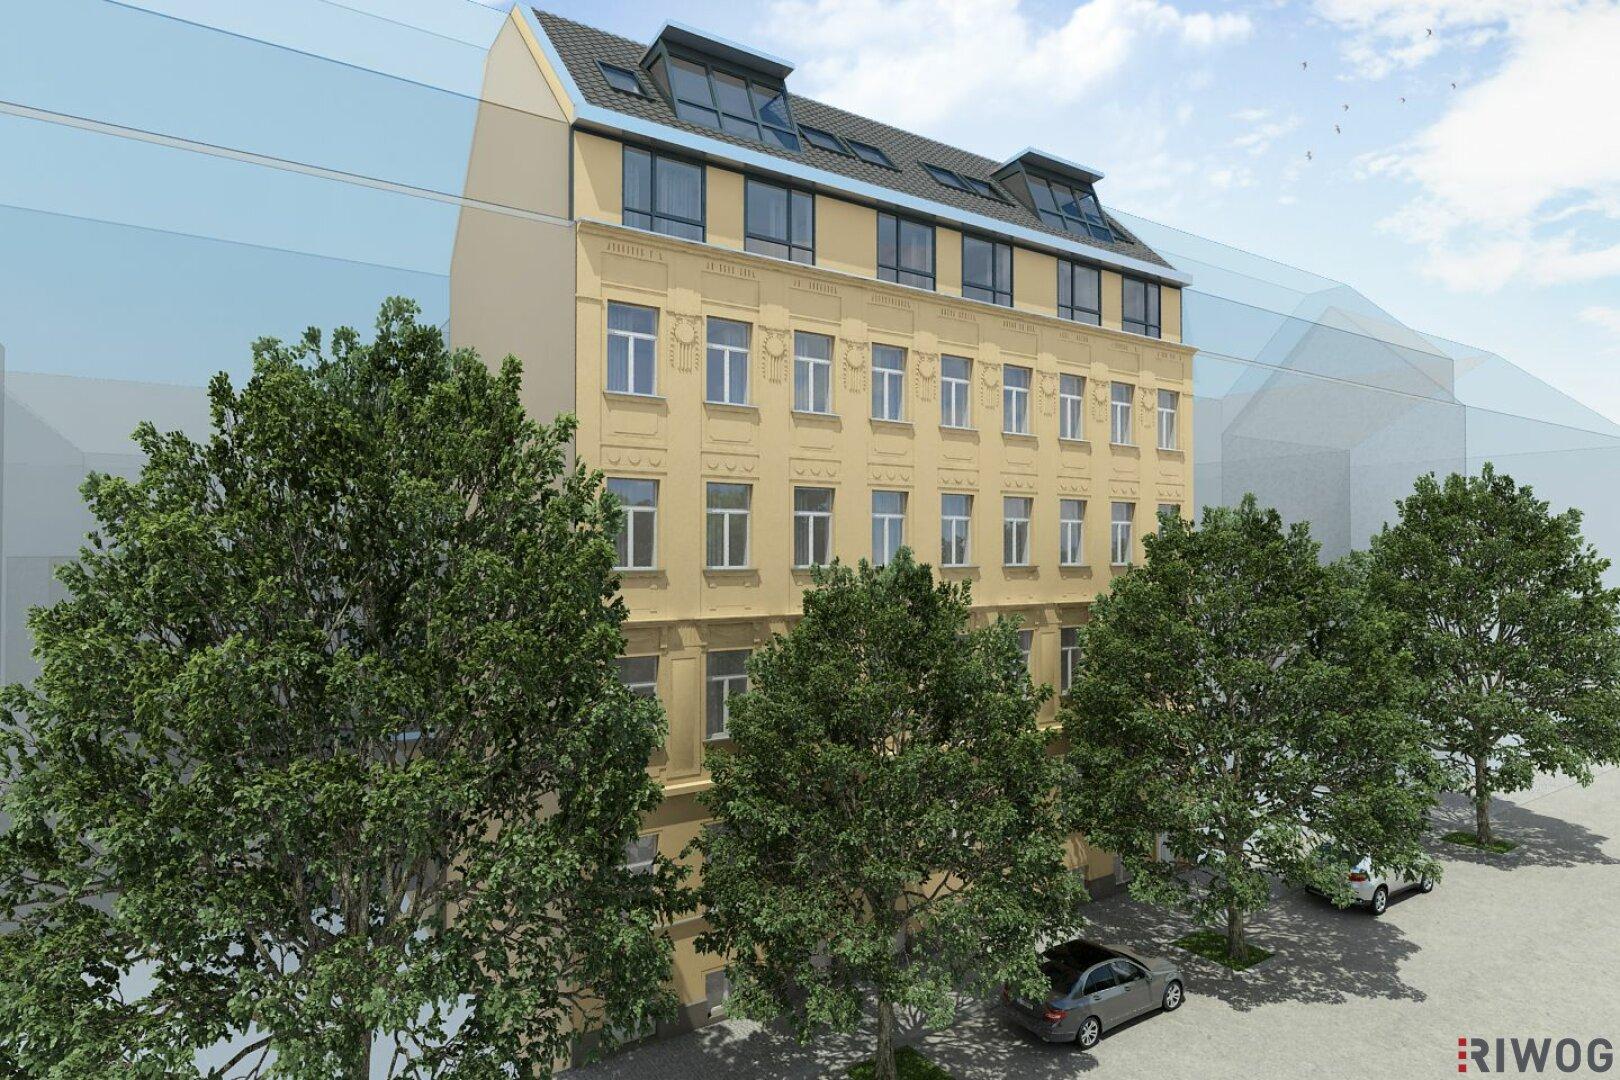 ++ Erstbezug Dachgeschosswohnugen mit Terrasse + komplett sanierte Altbauwohnungen mit Außenflächen ++ (Projektansicht)